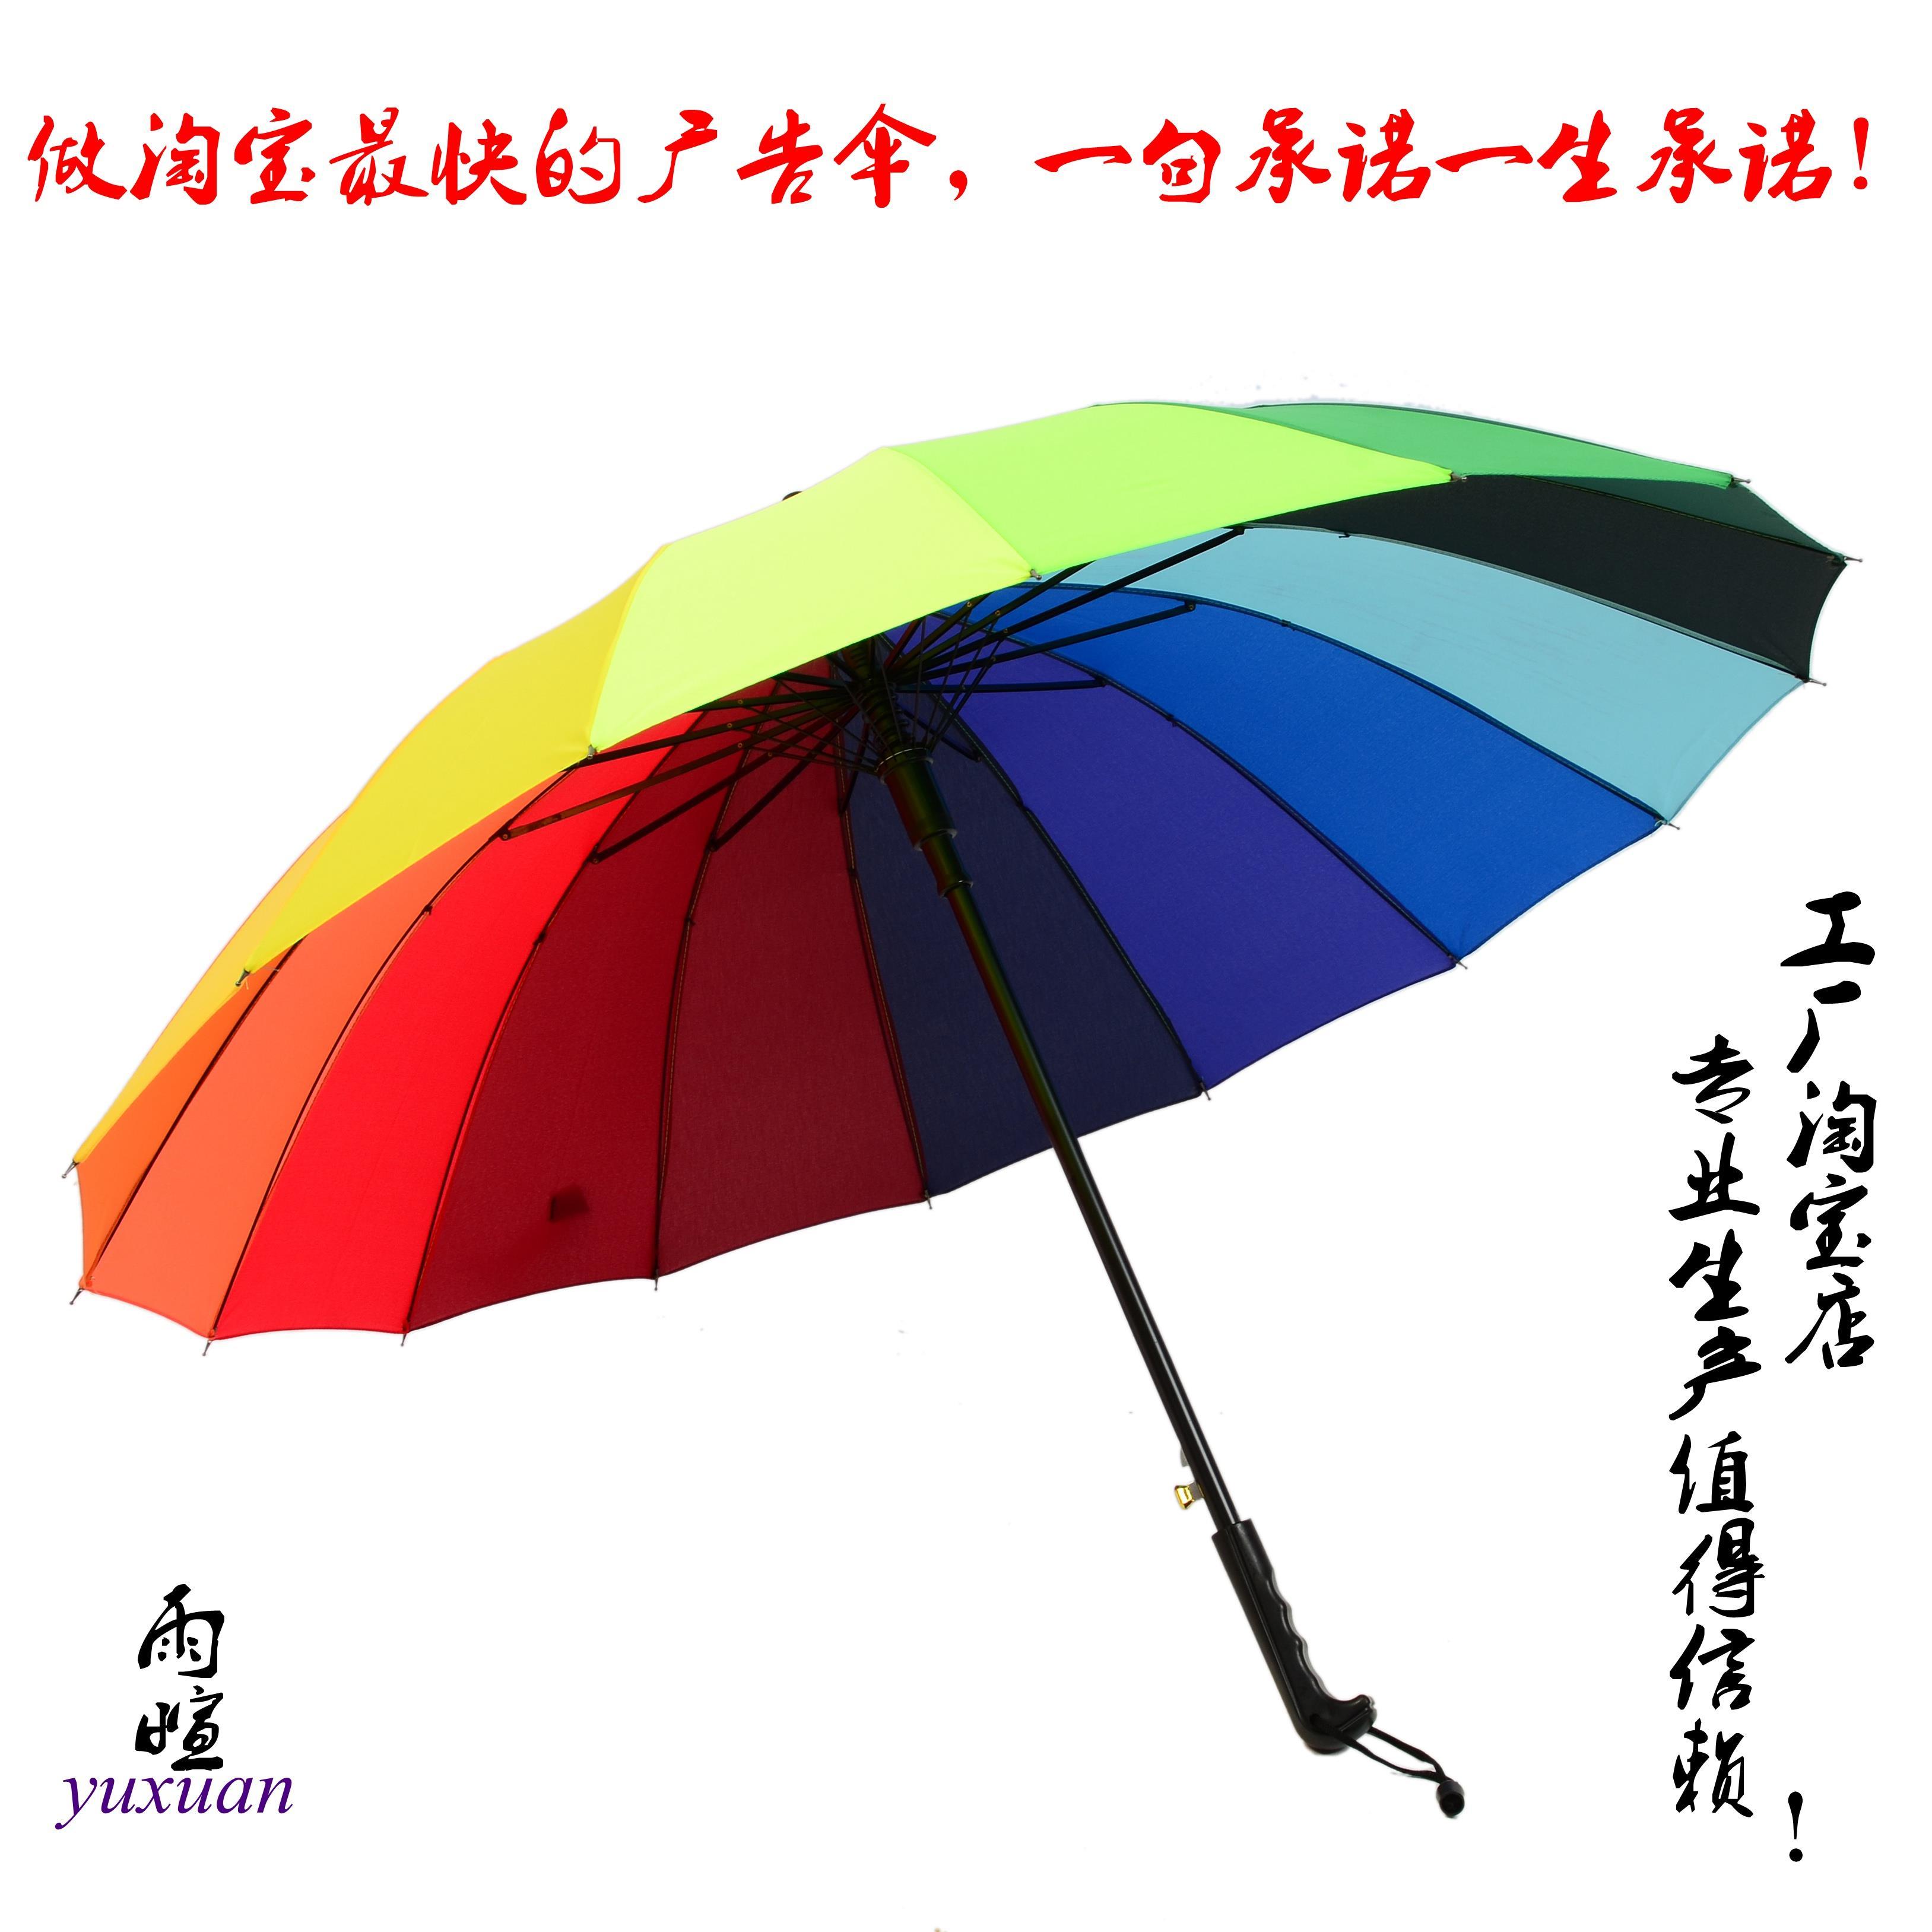 特价16骨素色彩虹伞长柄直杆伞防风伞晴雨伞商务伞定制logo广告伞